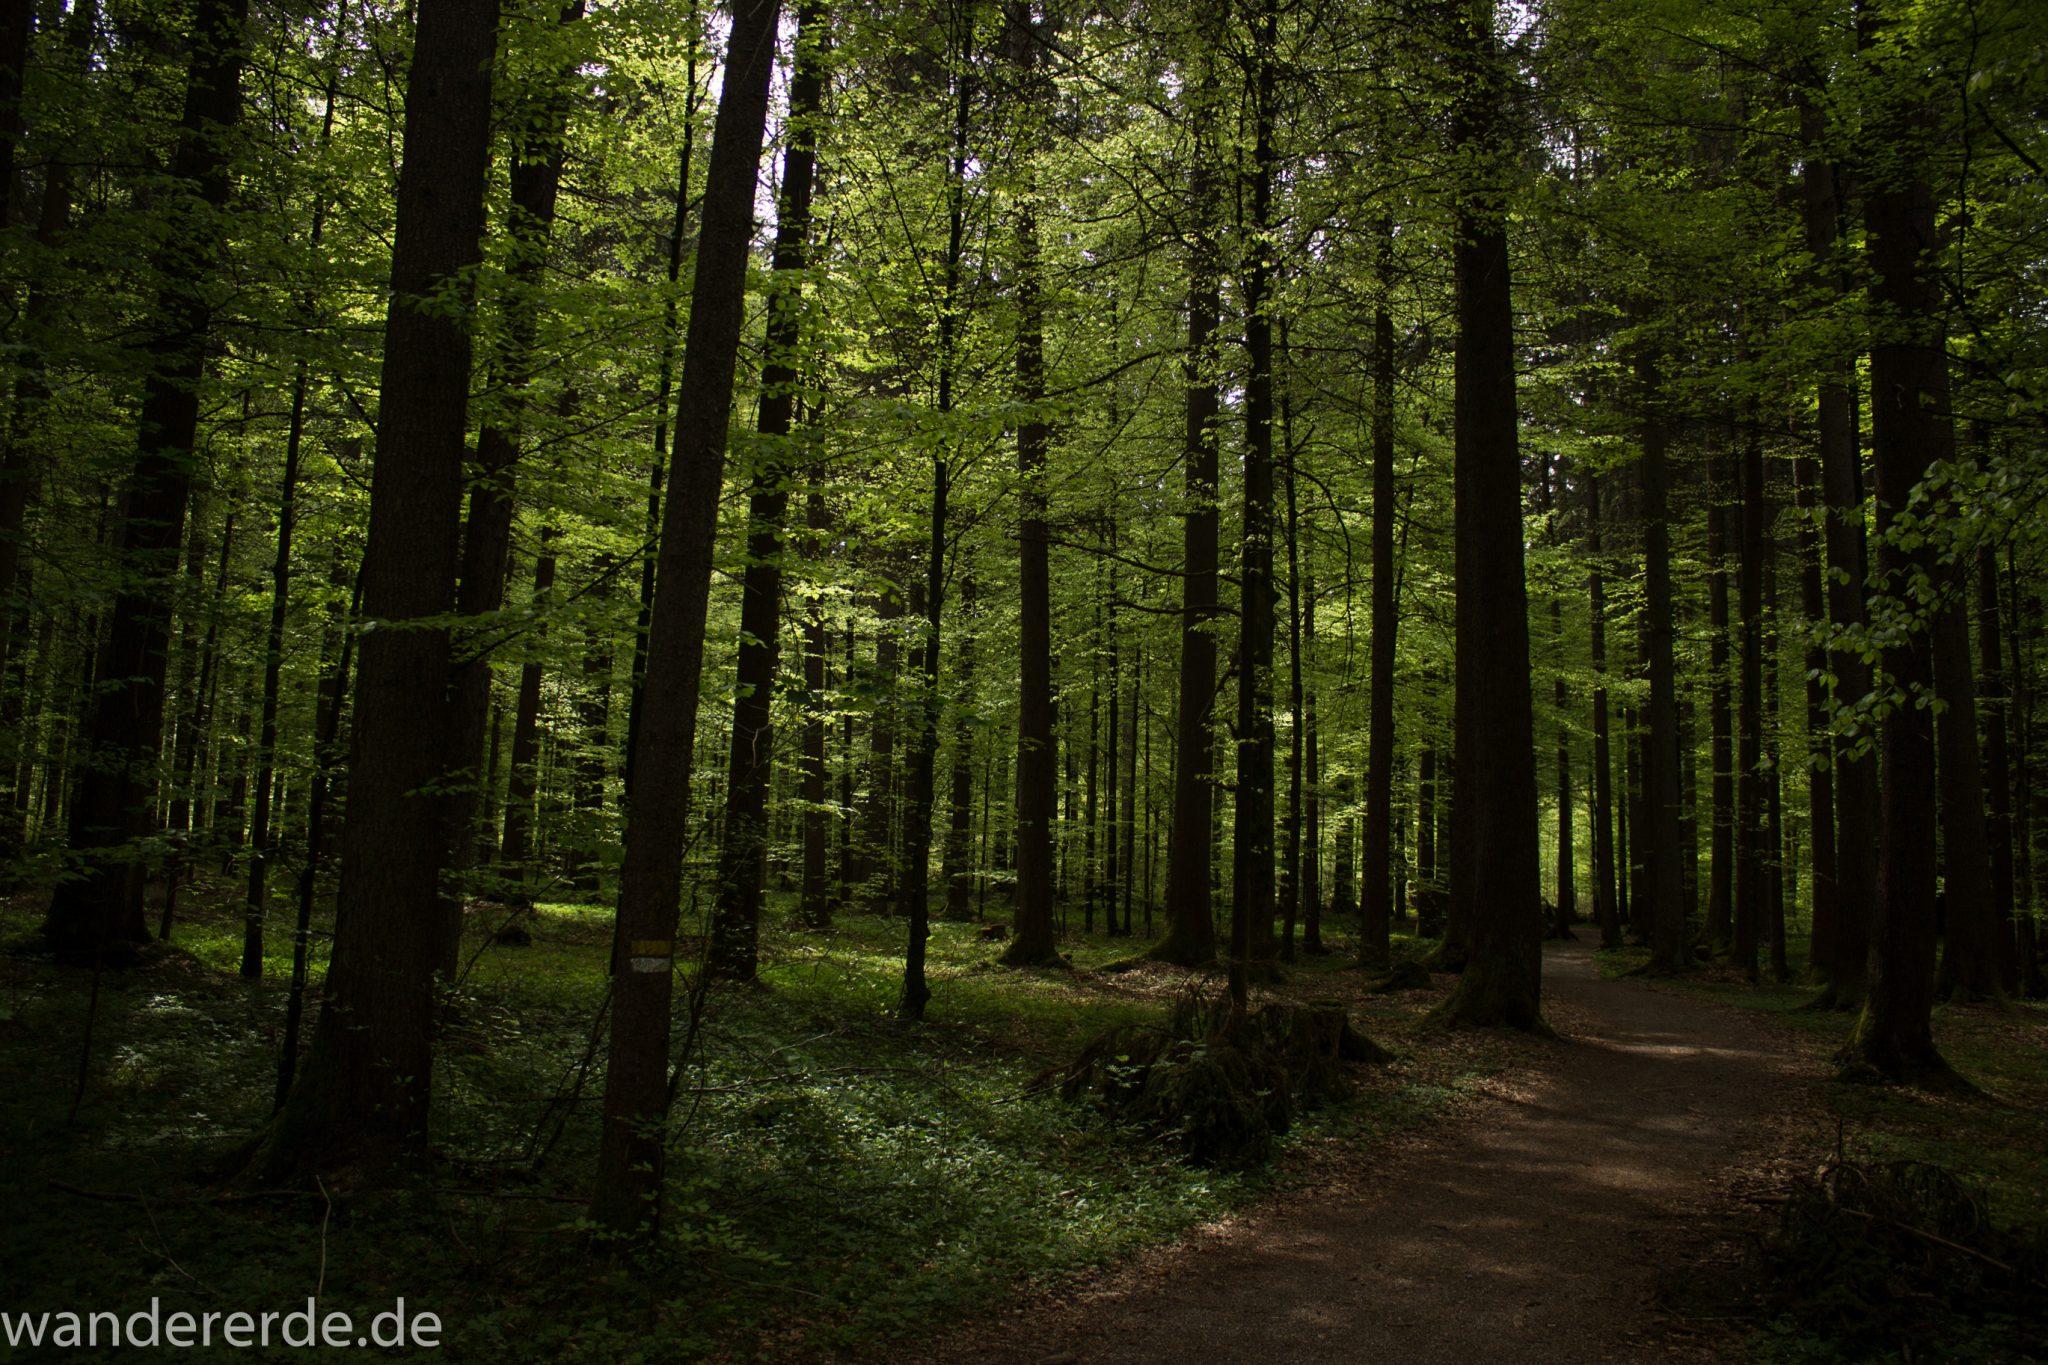 Wanderung Unterer Gaisalpsee, schöner dichter Laubwald beim Ort Fischen im Allgäu, warmer Frühlingstag, Start der Wanderung nach Oberstdorf und zum Unteren Gaisalpsee, schattiger Wanderweg